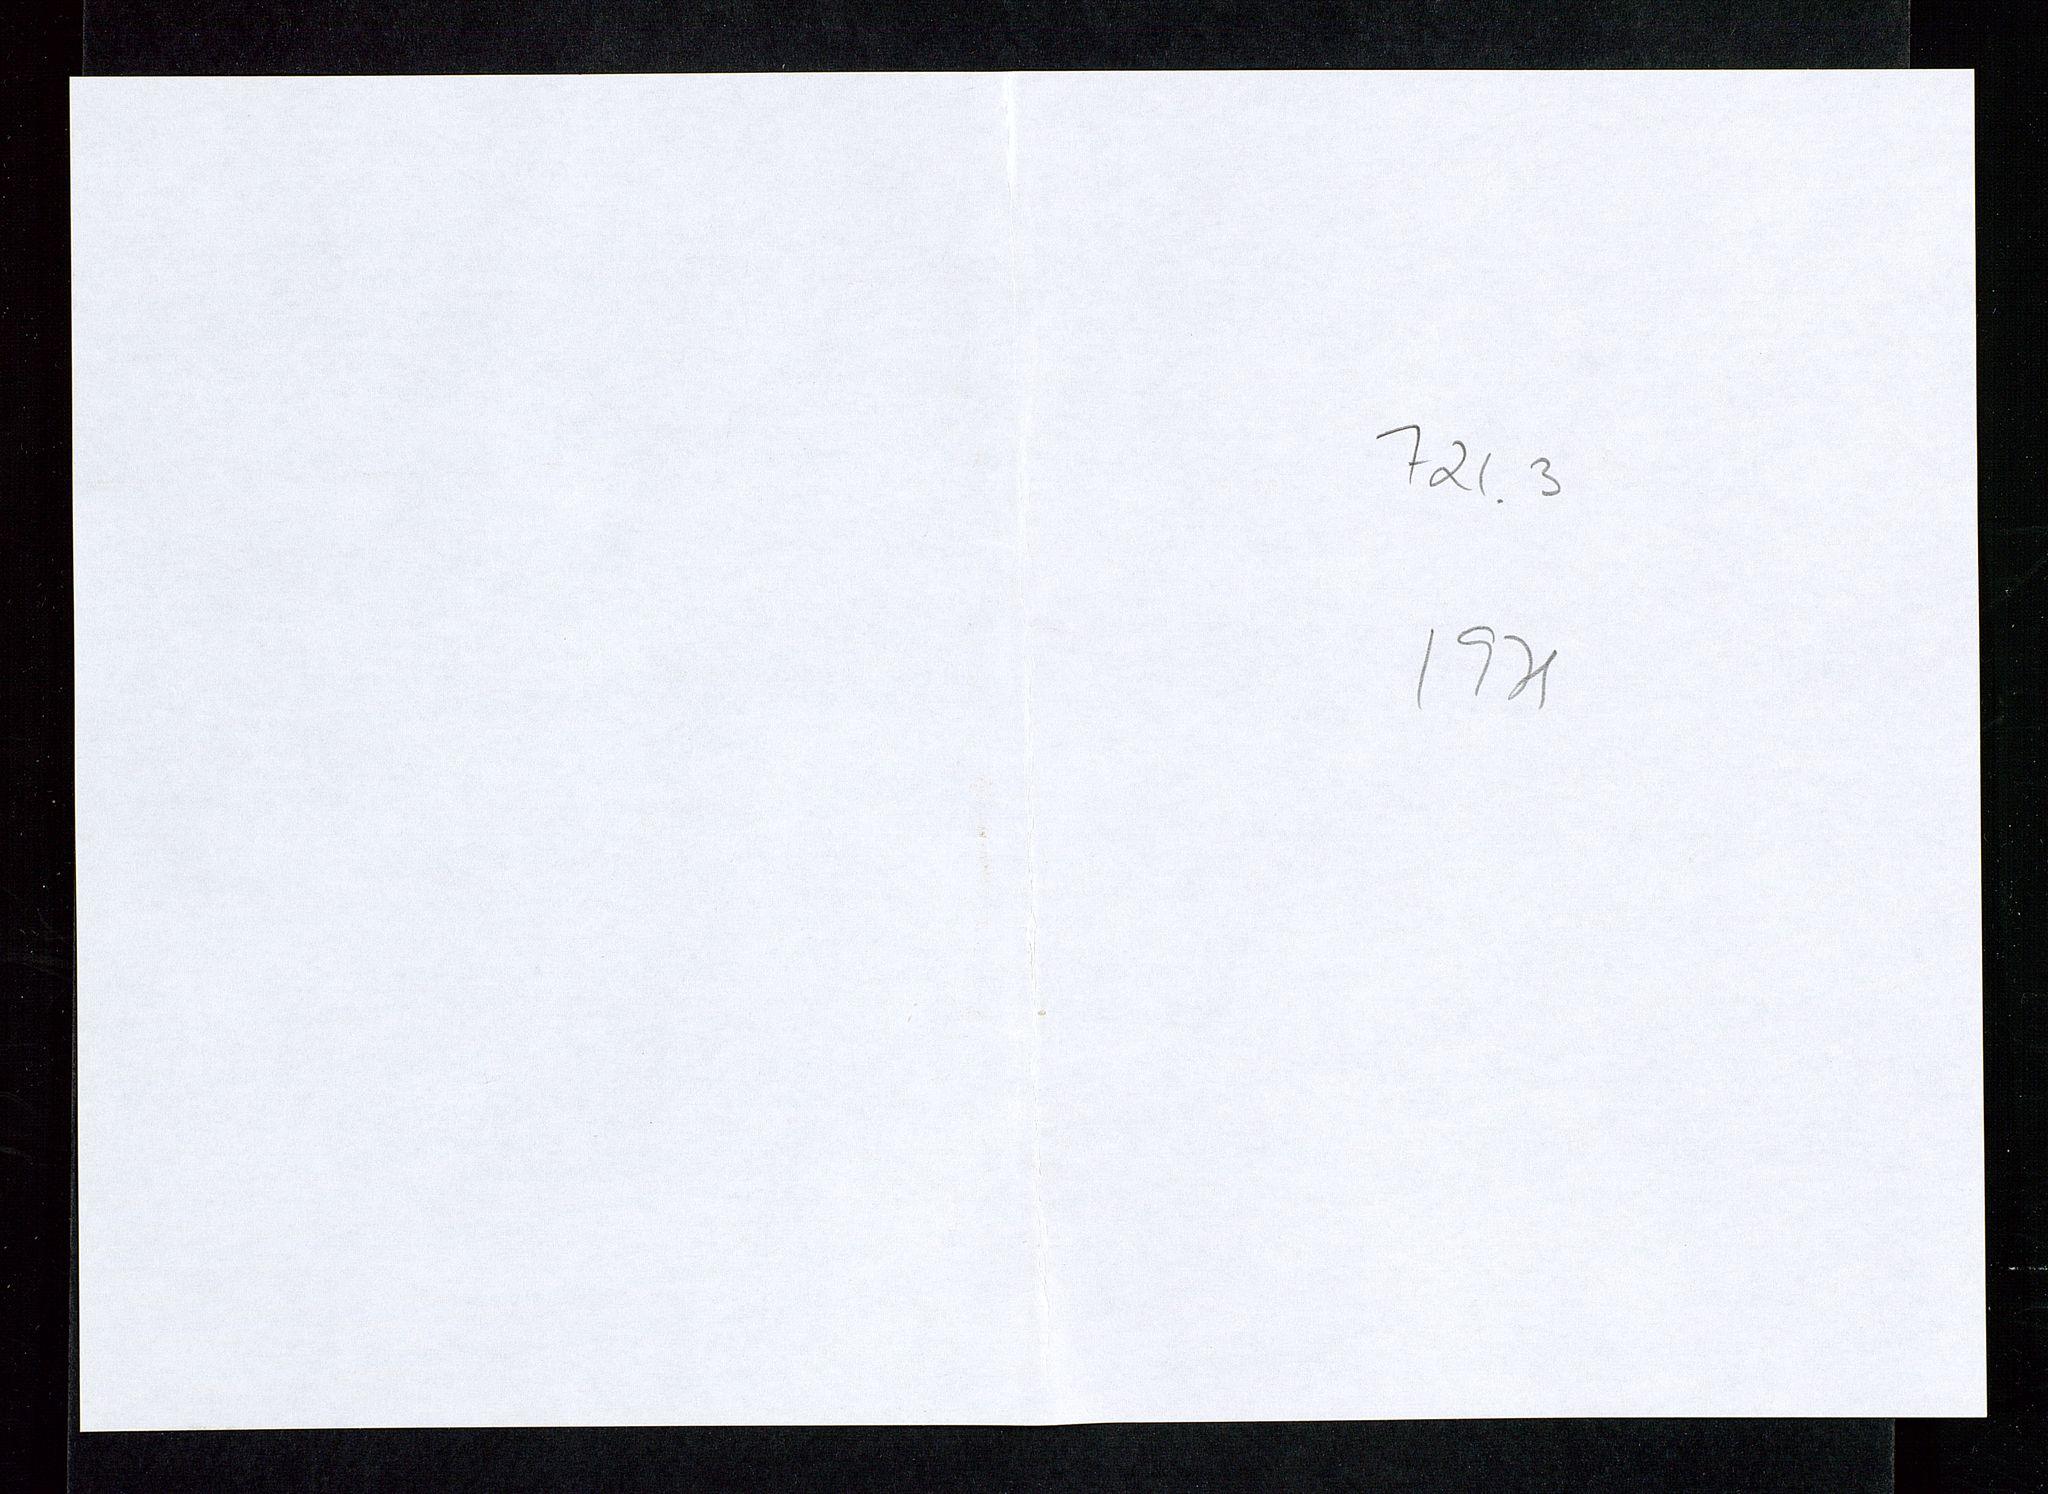 SAST, Industridepartementet, Oljekontoret, Da/L0008:  Arkivnøkkel 721- 722 Geofysikk, forskning, 1970-1972, s. 105